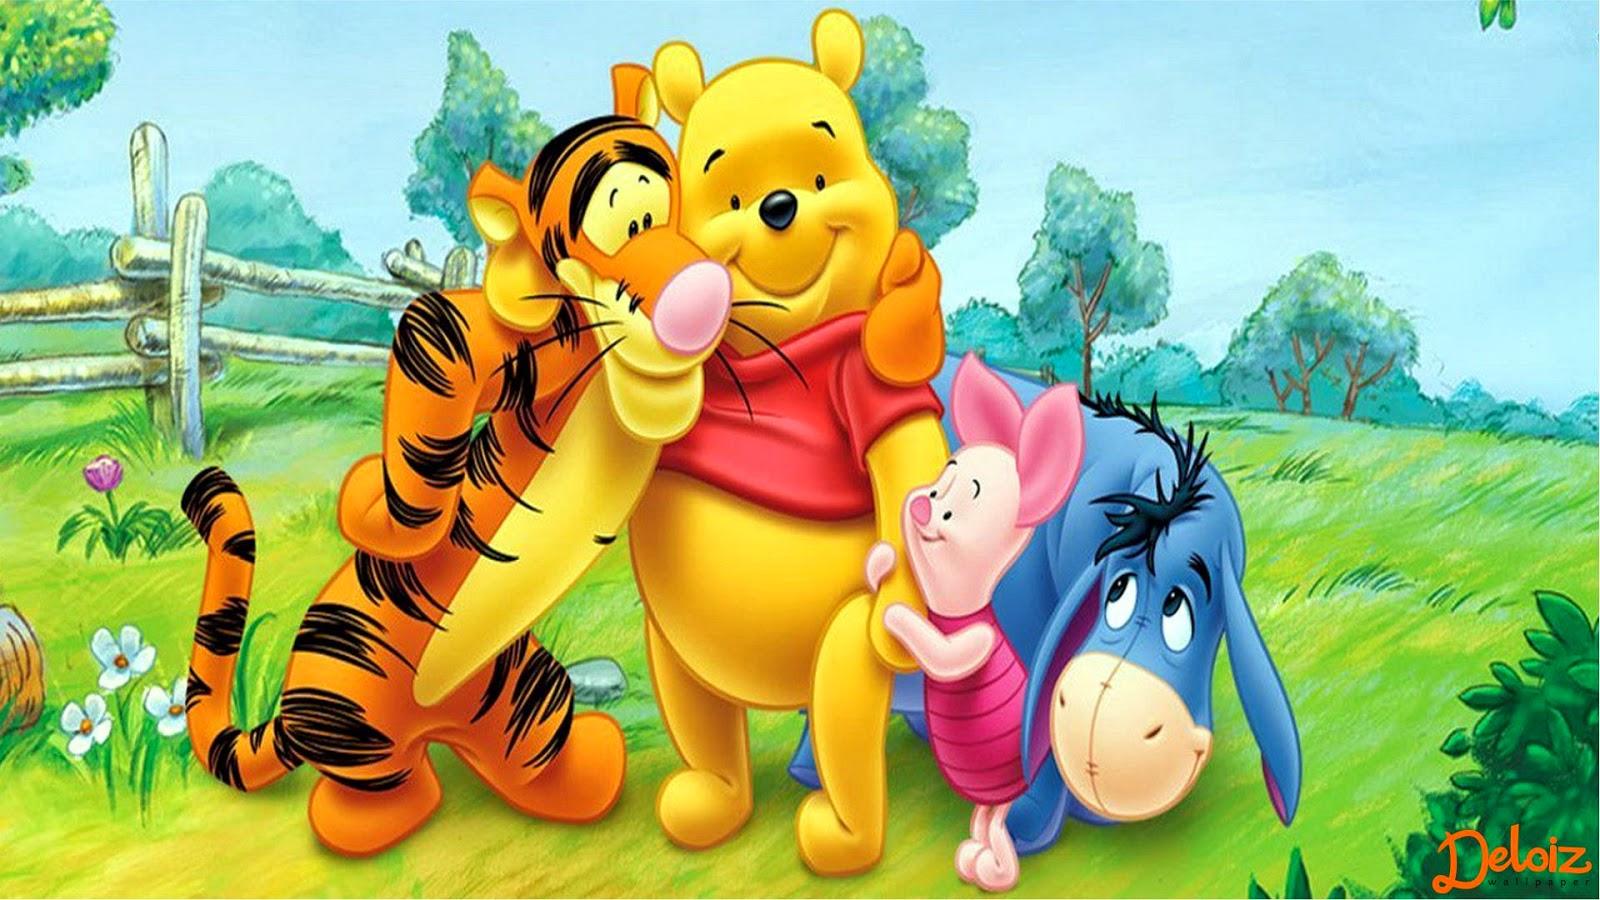 Wallpaper Winnie The Pooh HD